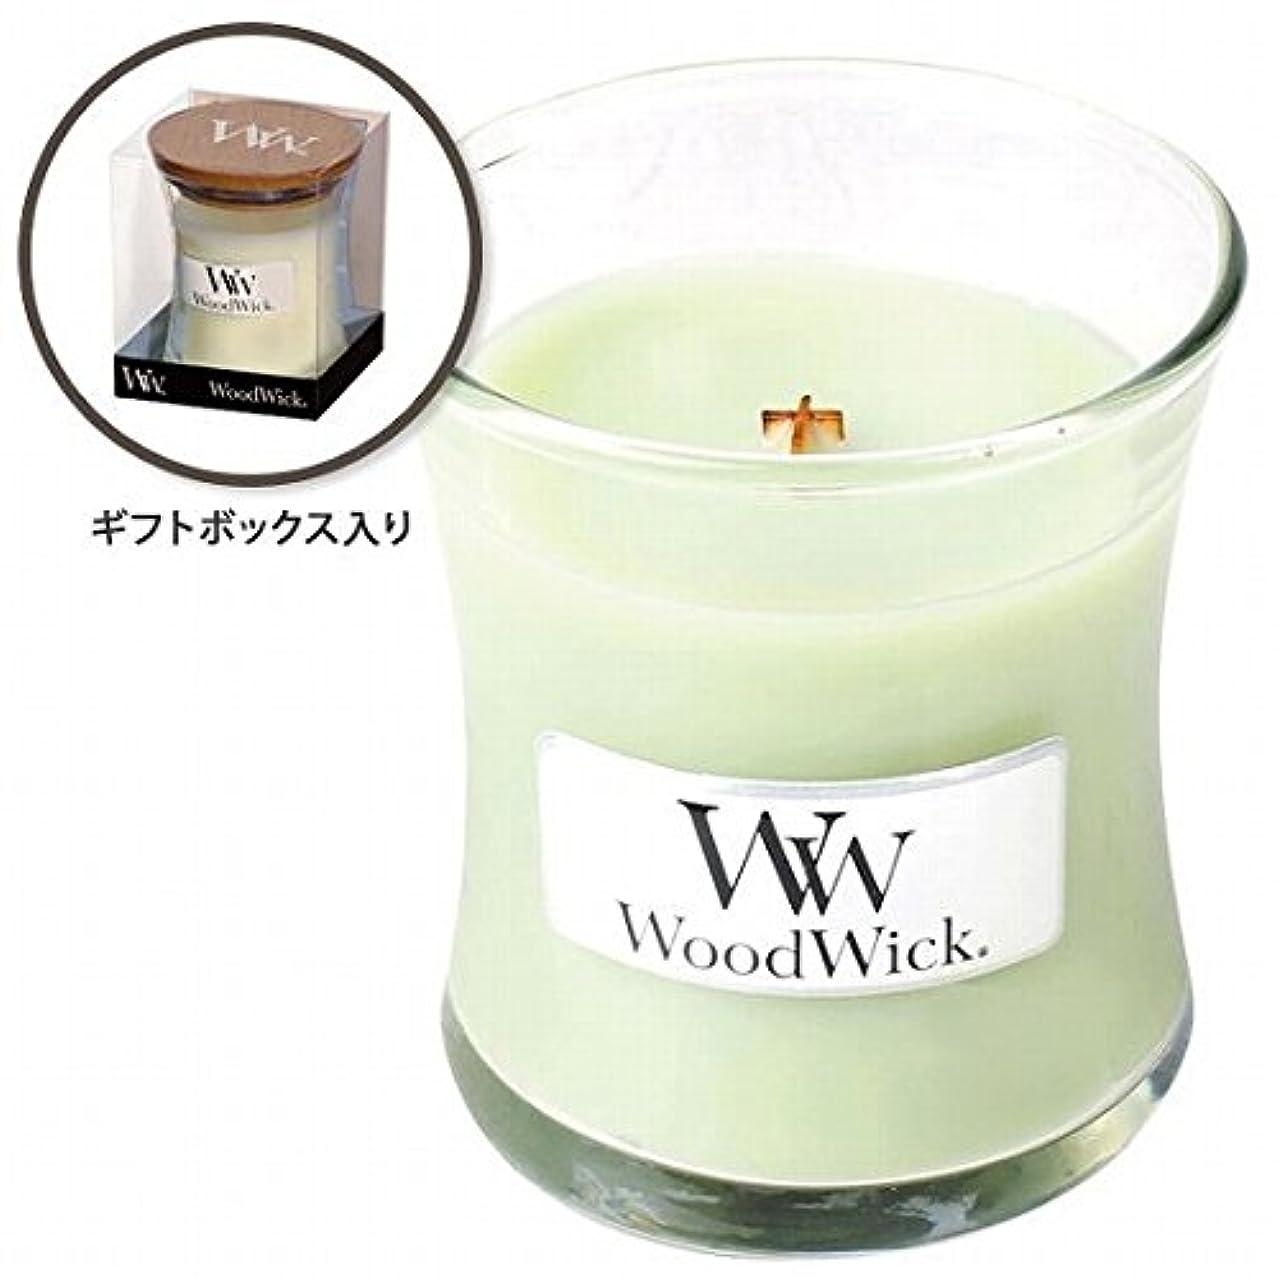 戻る初期天窓ウッドウィック( WoodWick ) Wood WickジャーS 「ライムジェラート」